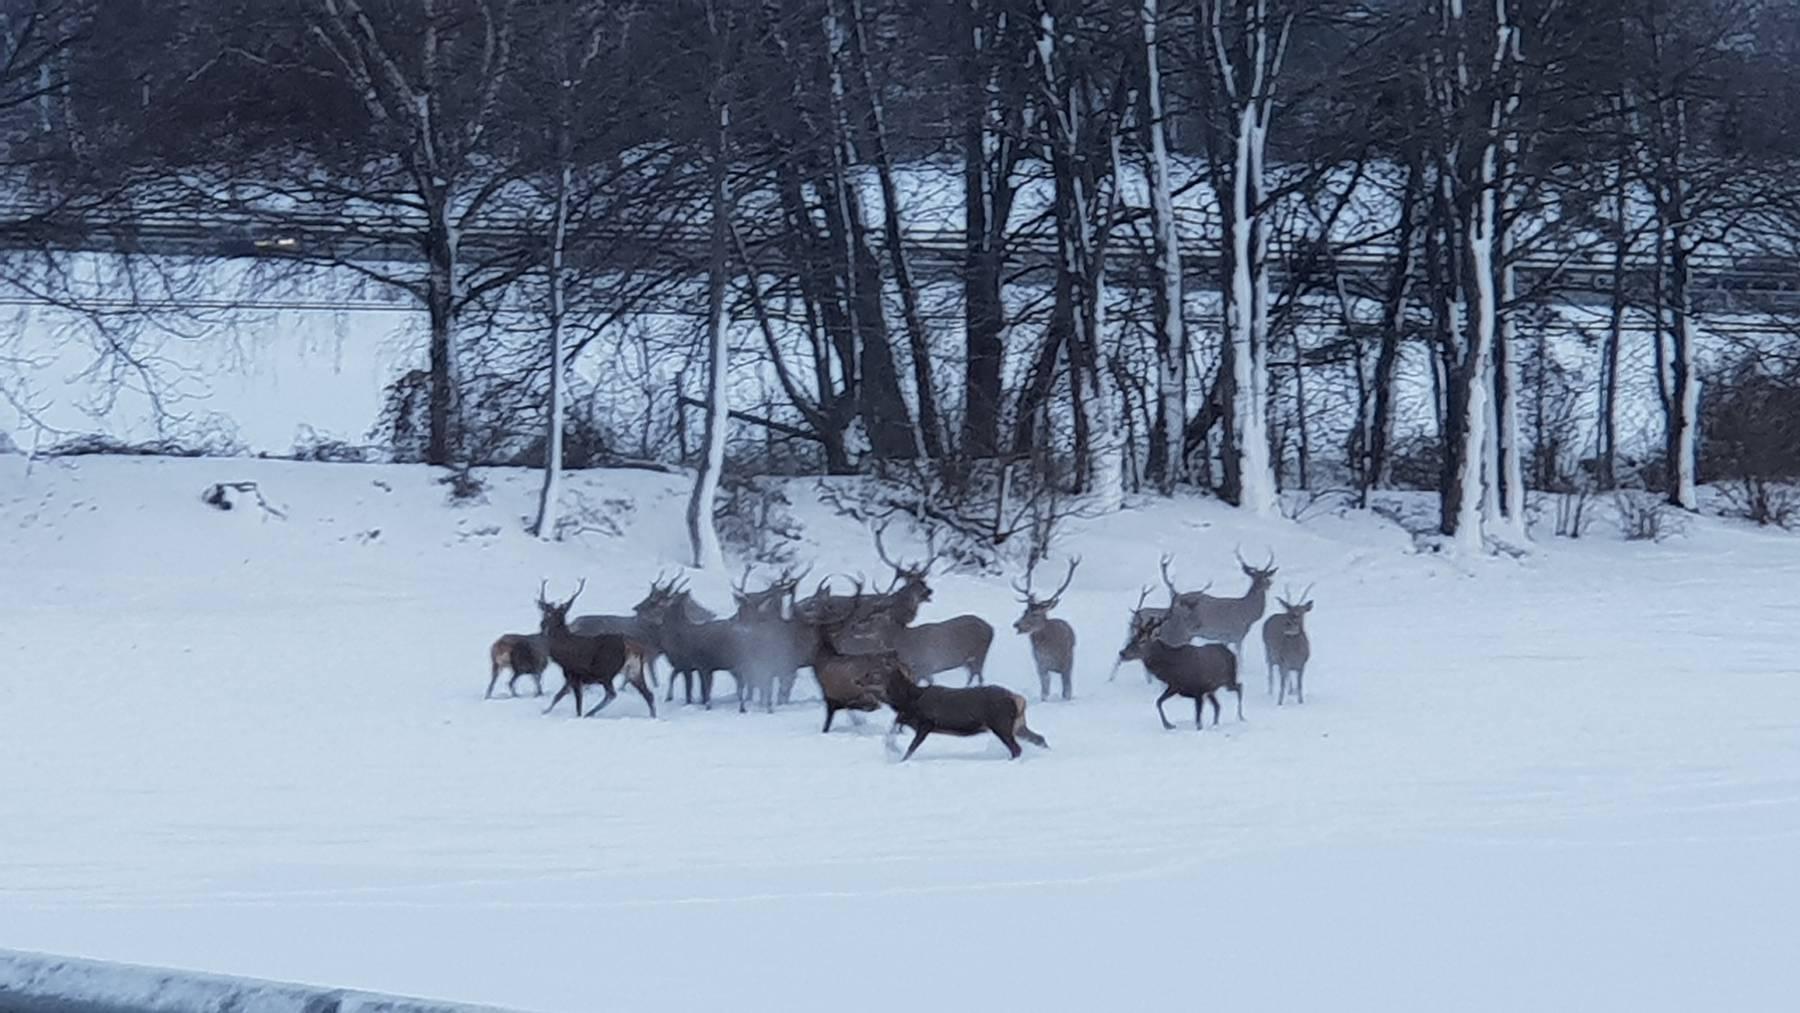 Damit die 15 Hirsche eine Strasse überqueren können, stoppte die Polizei den Verkehr.